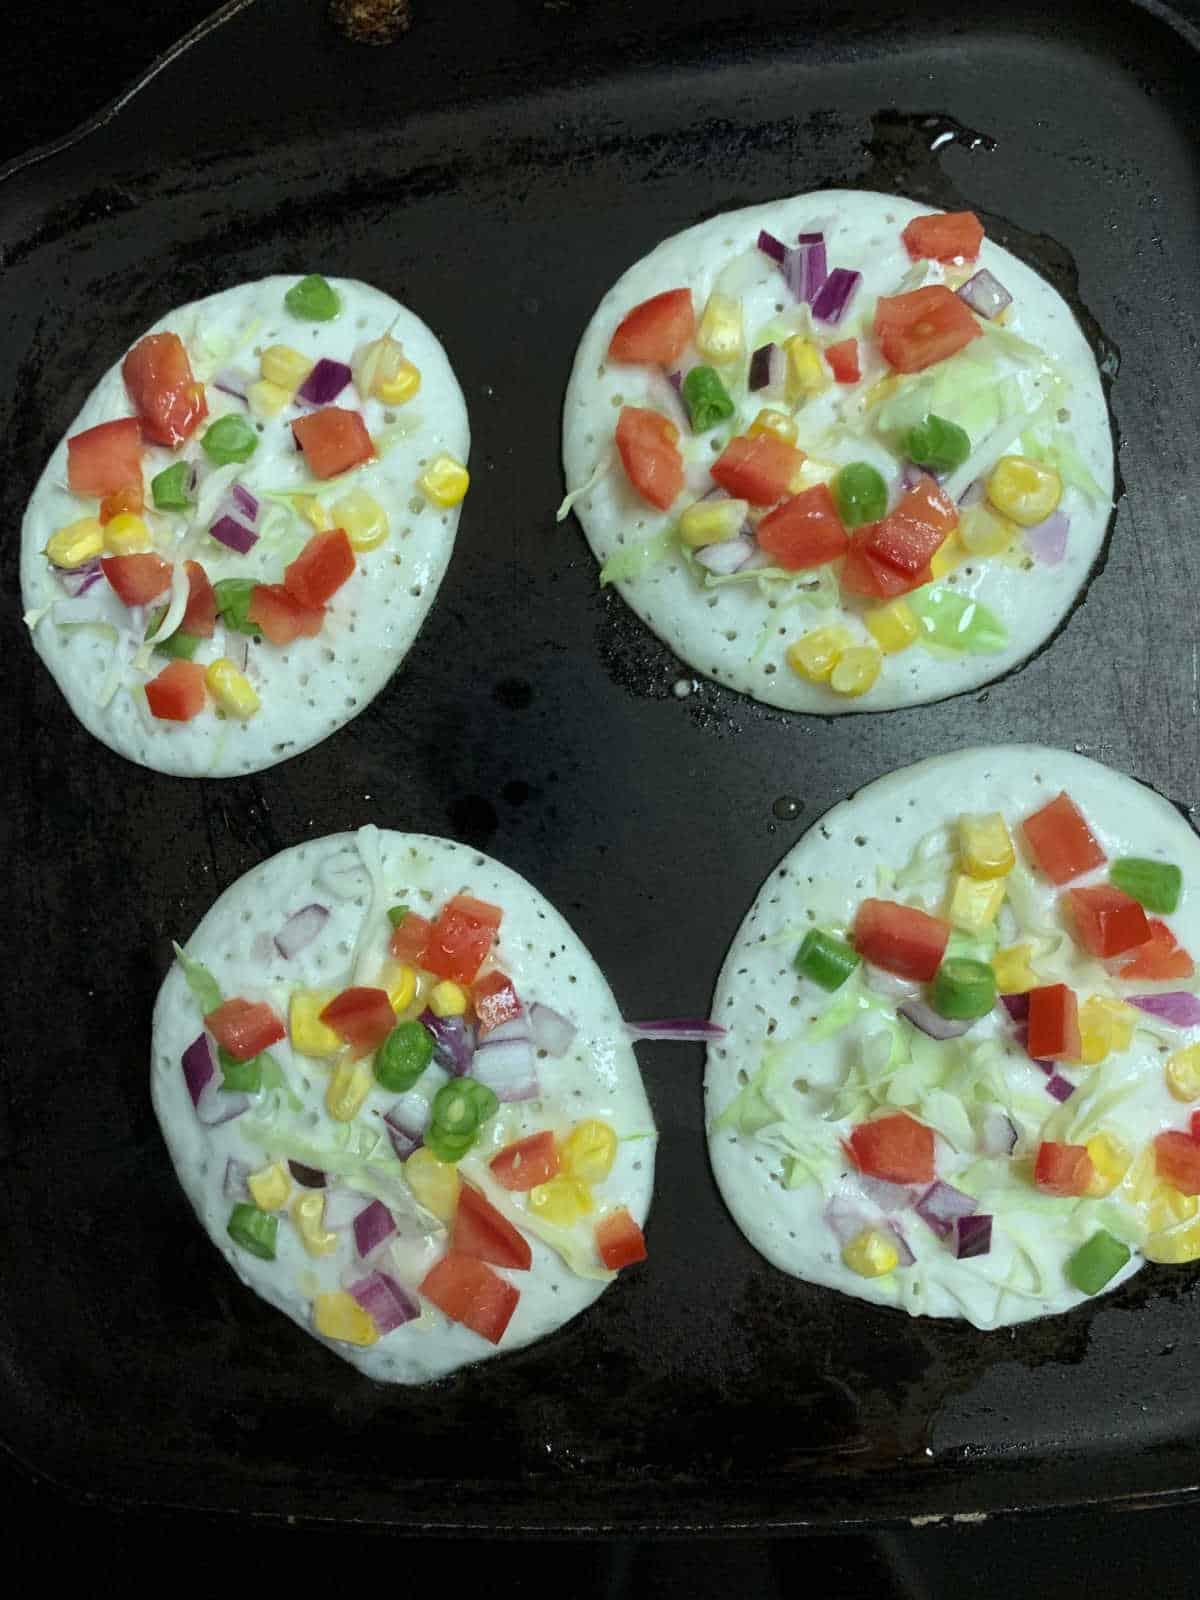 Mini uttapams cooking on the tawa.